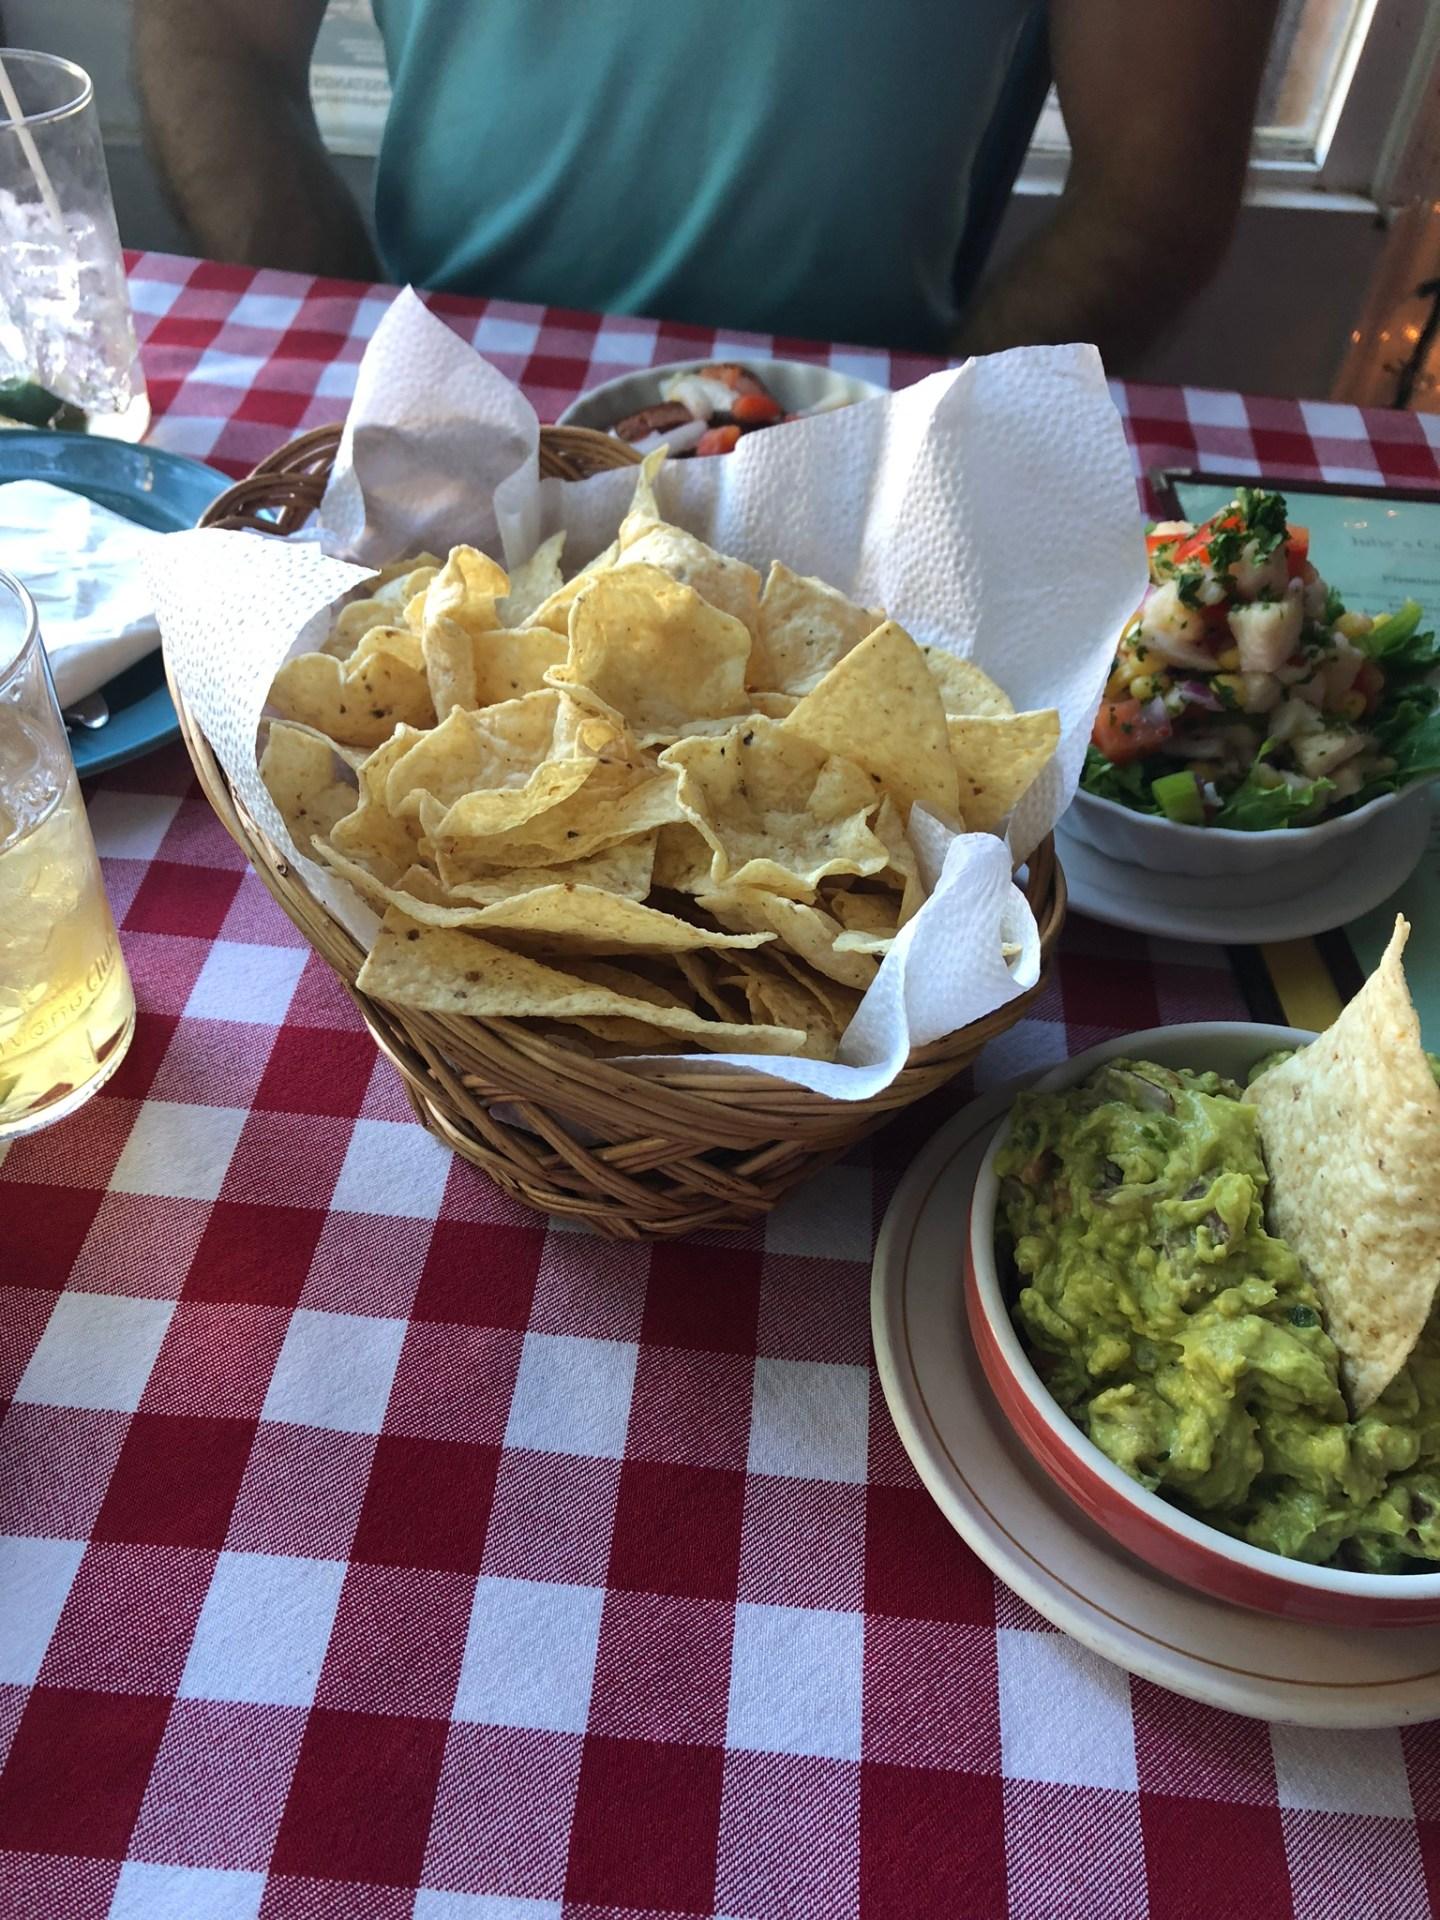 Food at Julie's Cuban, Toronto